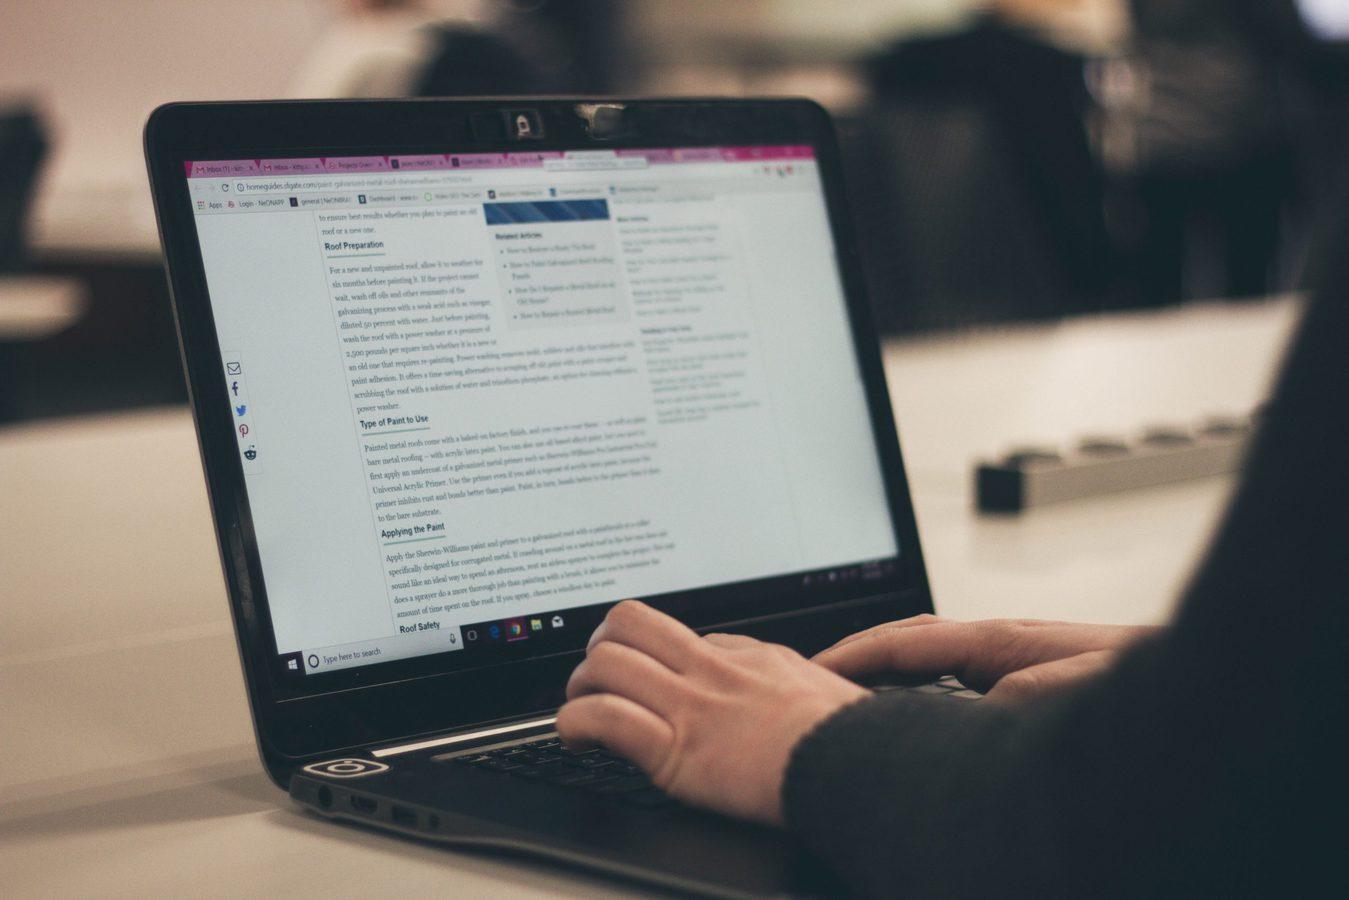 Laptop voor het bijwerken van inhoud